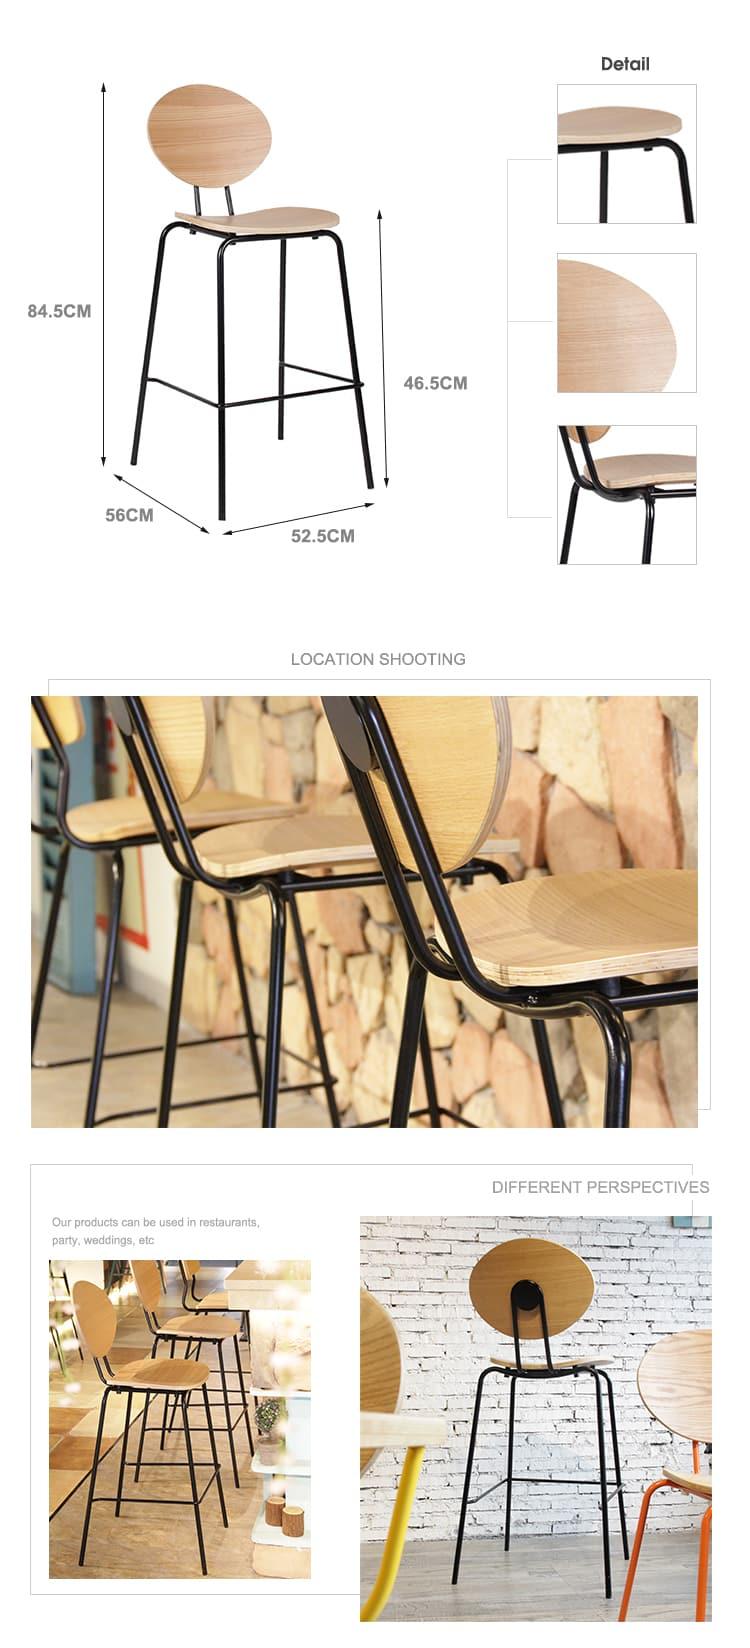 Sedia da pranzo per ristorante in legno con struttura in metallo minimalista antico colorato 798 (M) -H45 (77) -STW